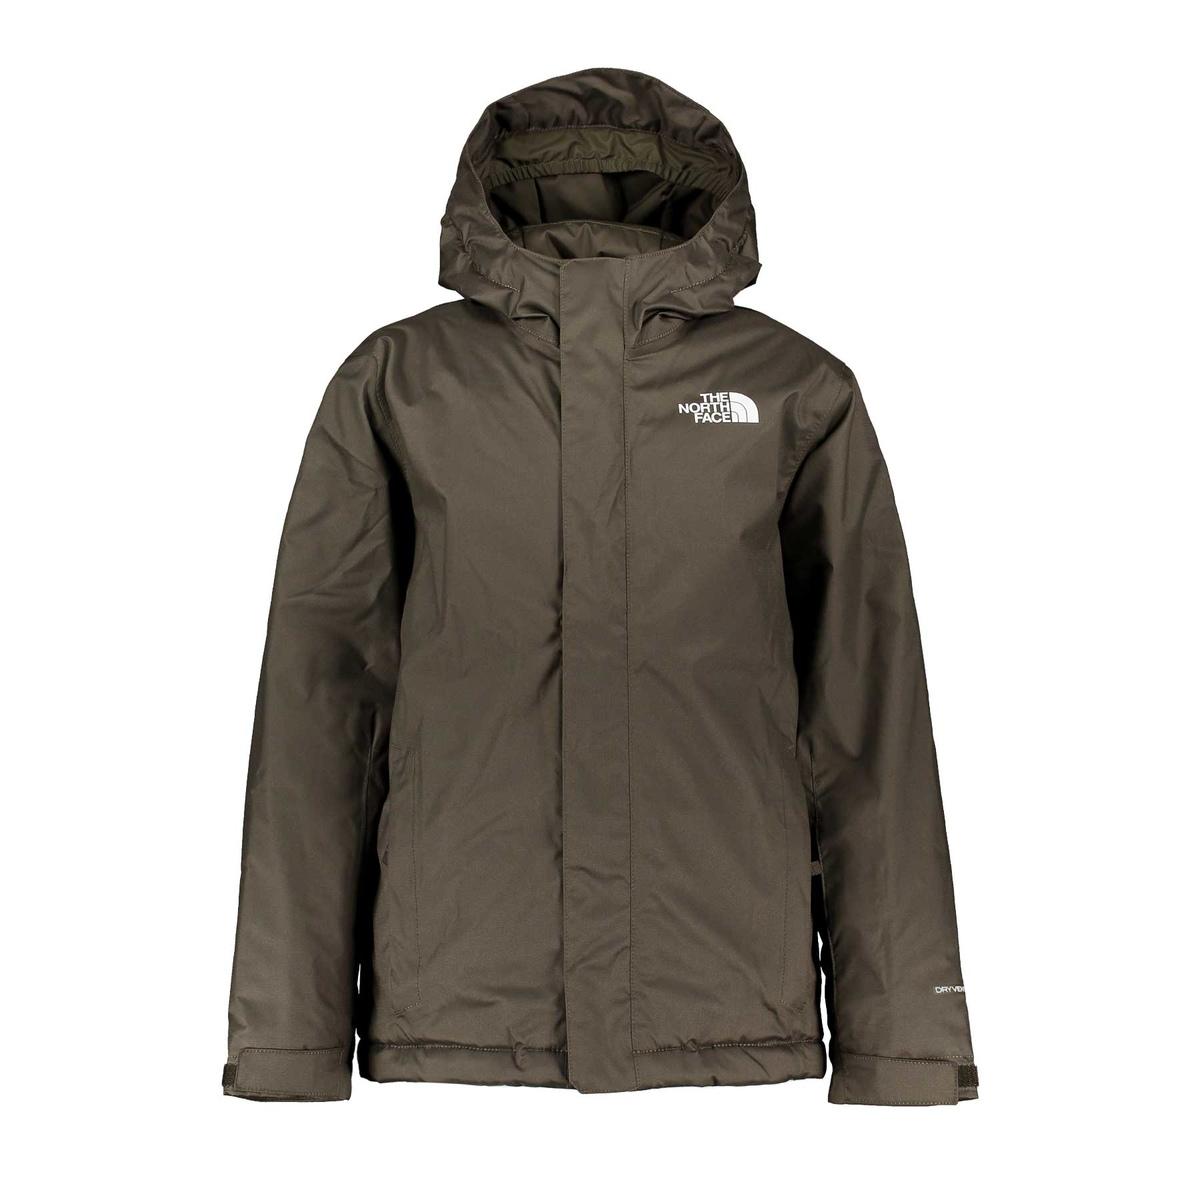 Prezzi The north face giacca snowquest bambino